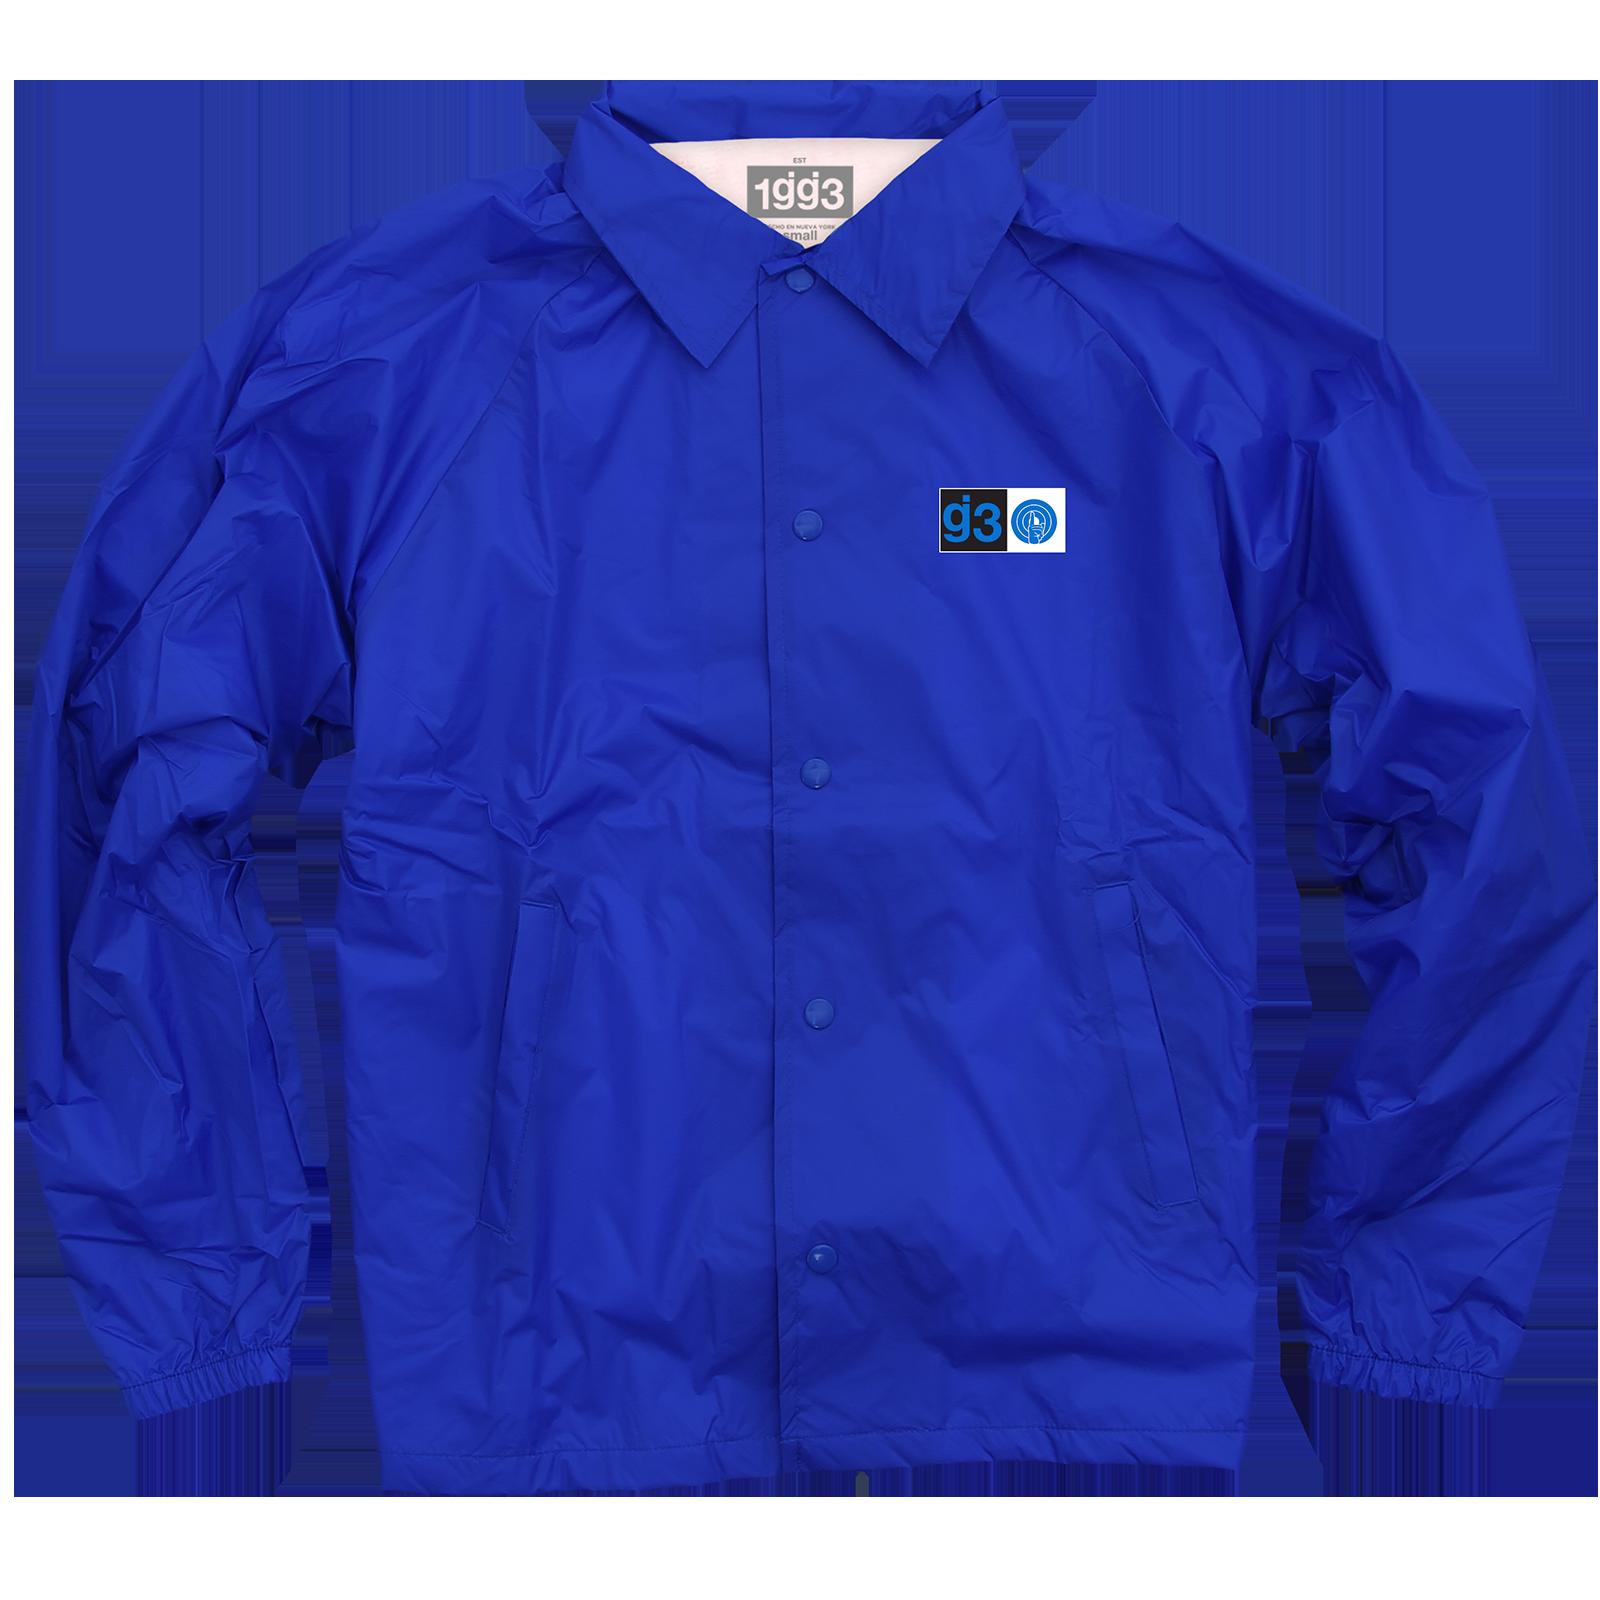 EYEWTKAS Blue Coaches Jacket